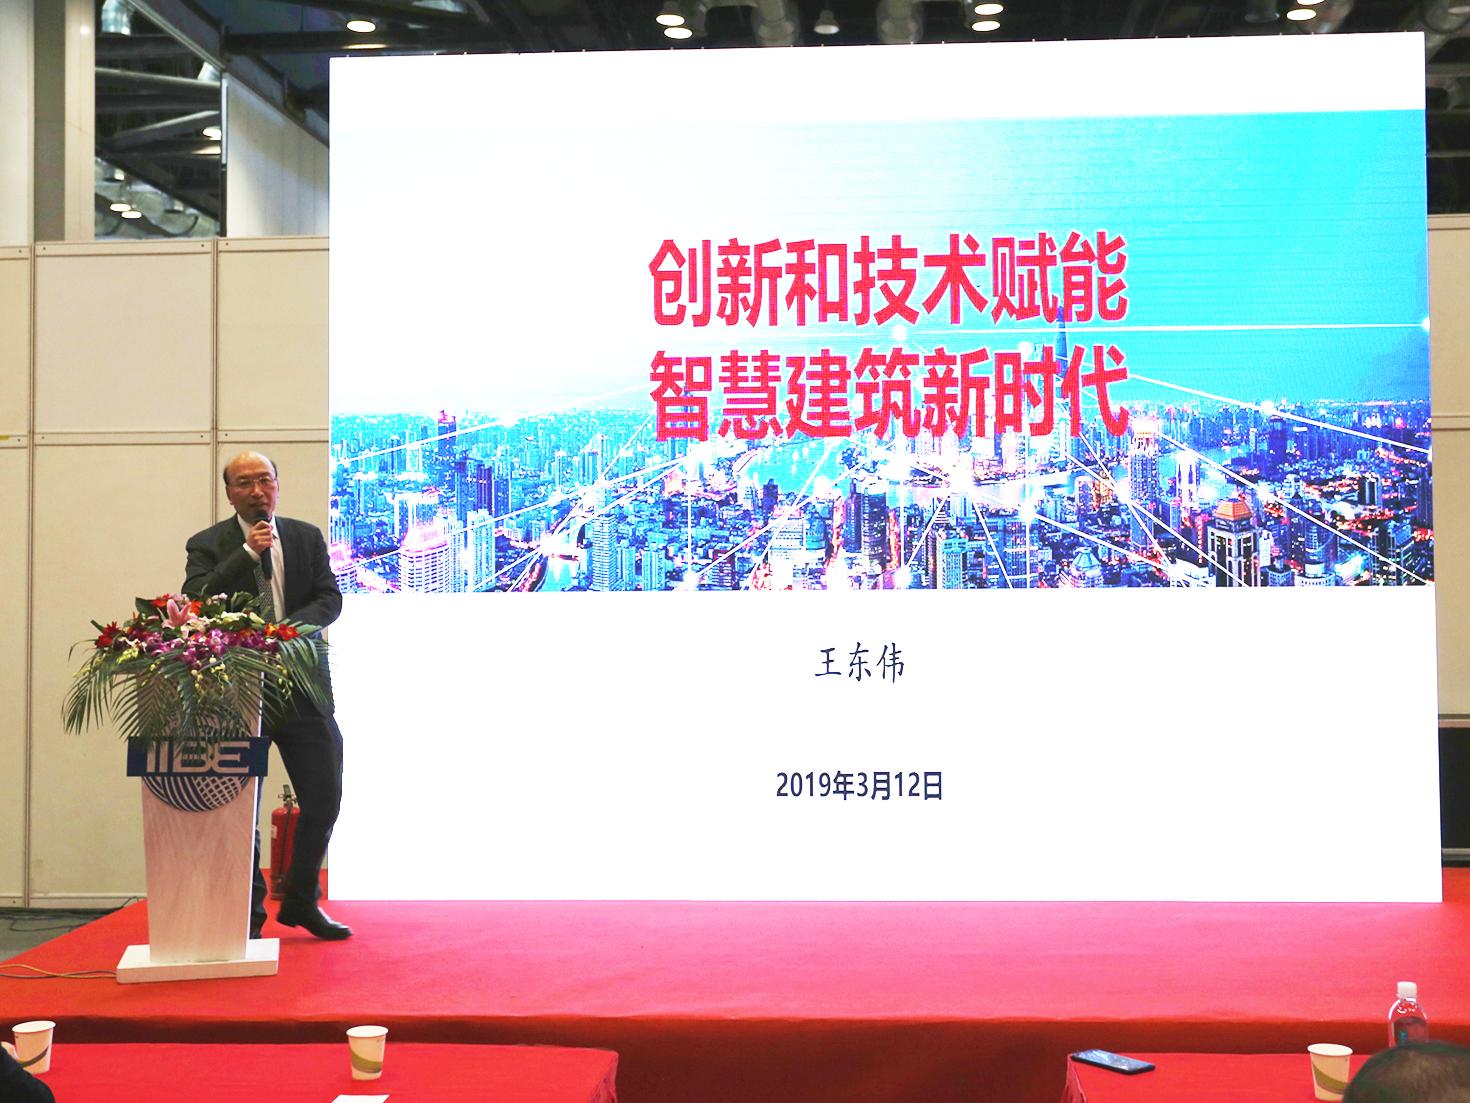 创新技术赋能智慧建筑新时代丨延华集团执行总裁王东伟点明智慧建筑新方向